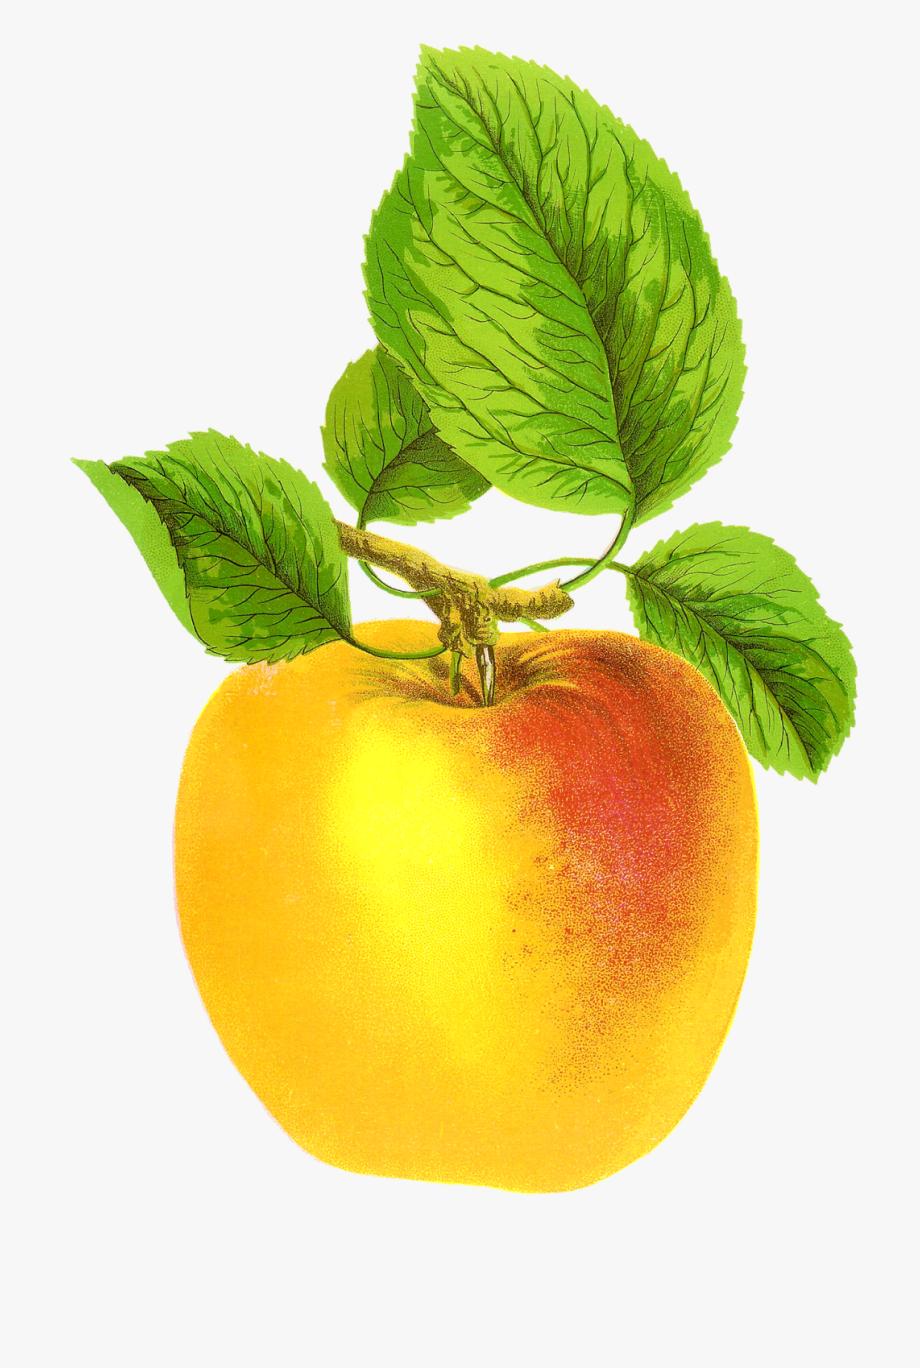 Free Digital Fruit Images Vintage Clip Art Apple Grime\'s.